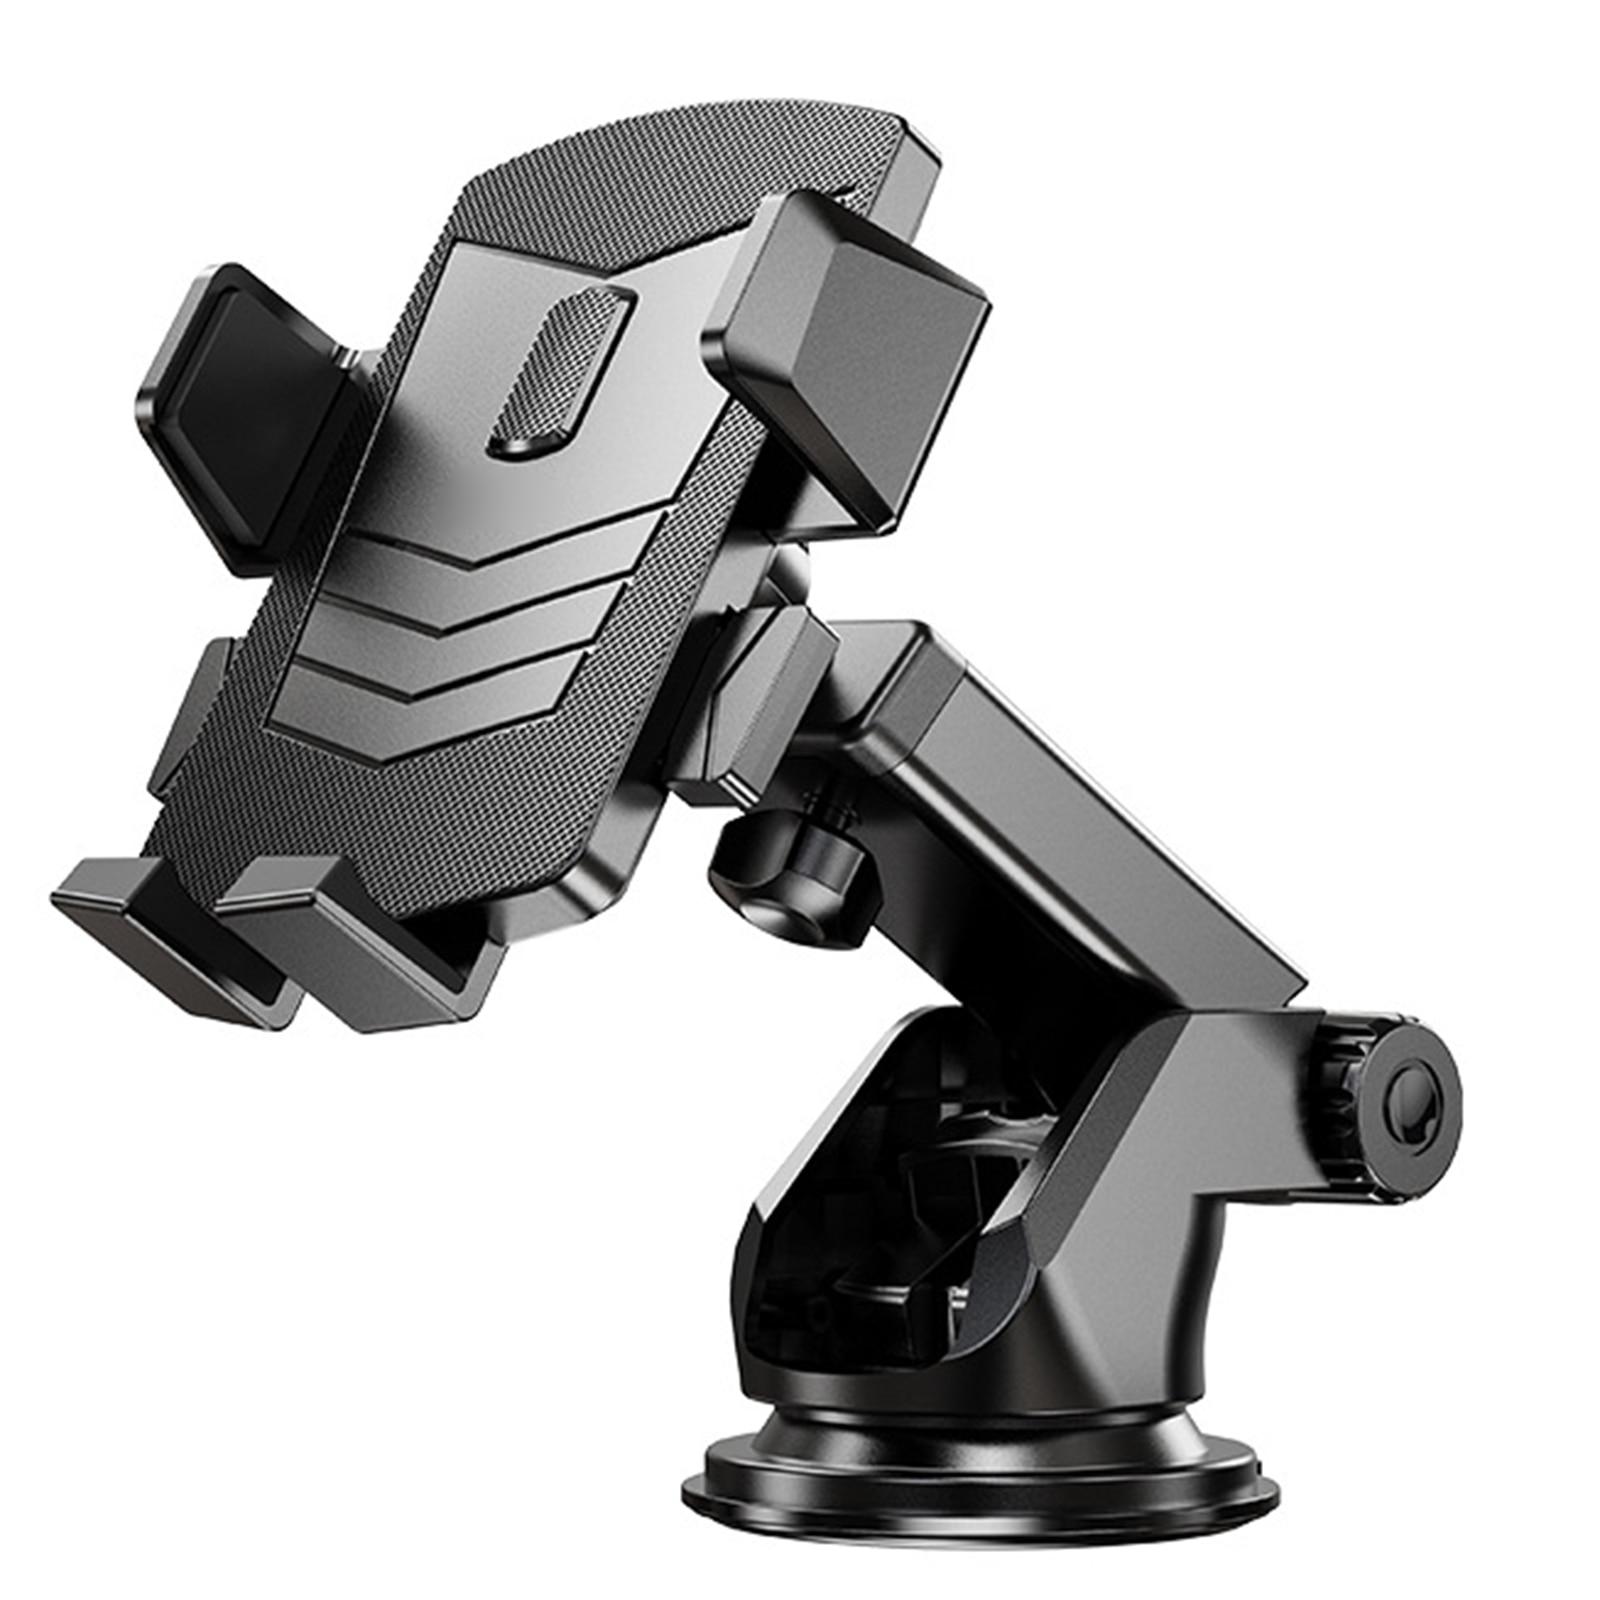 2021 новый телефон держатель Автомобильный держатель для телефона на магните с креплением Автомобильный кронштейн для телефона держатель дл...